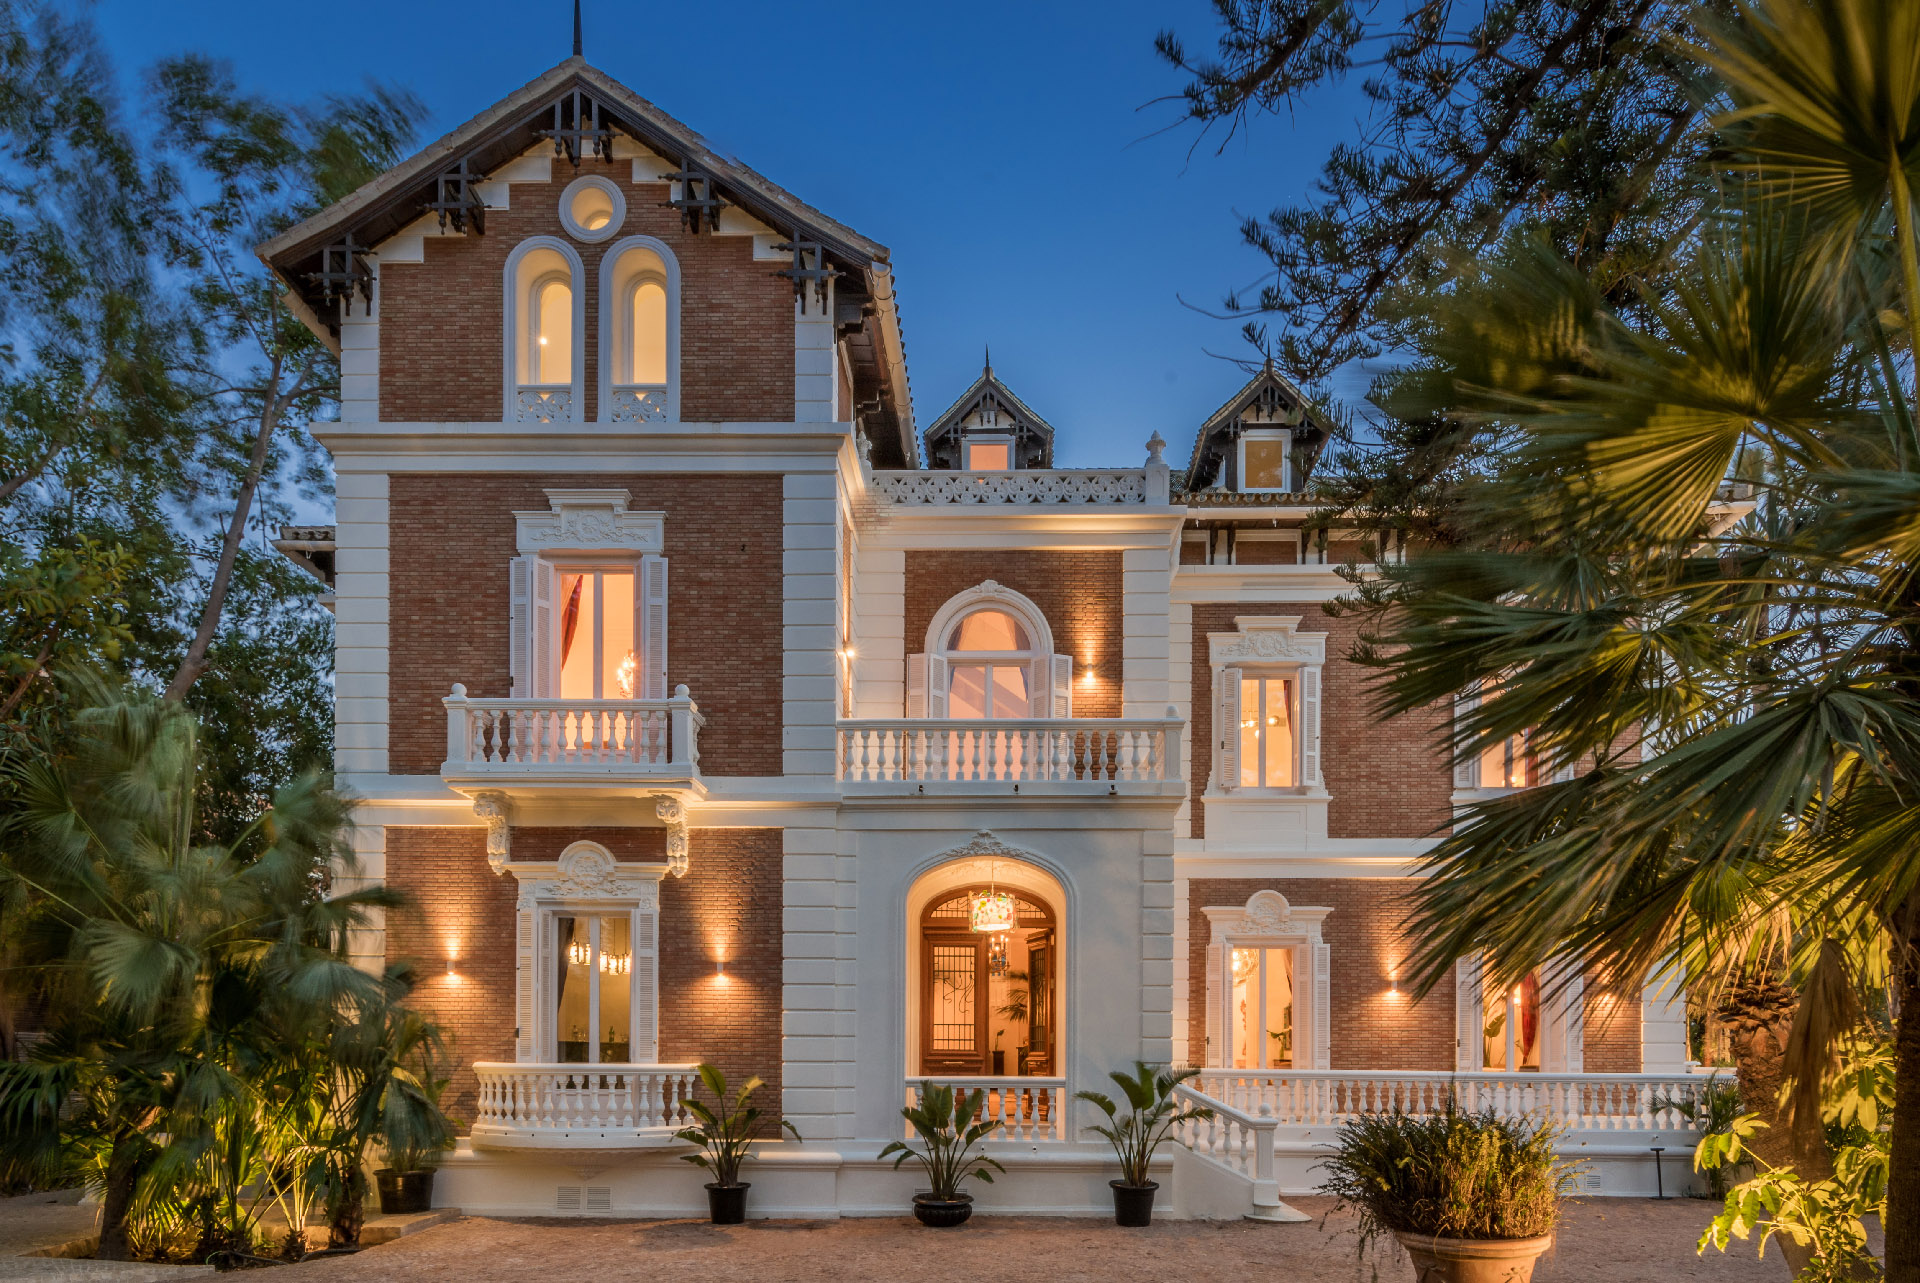 Palacio del Limonar espacios y detalles que invitan al confort